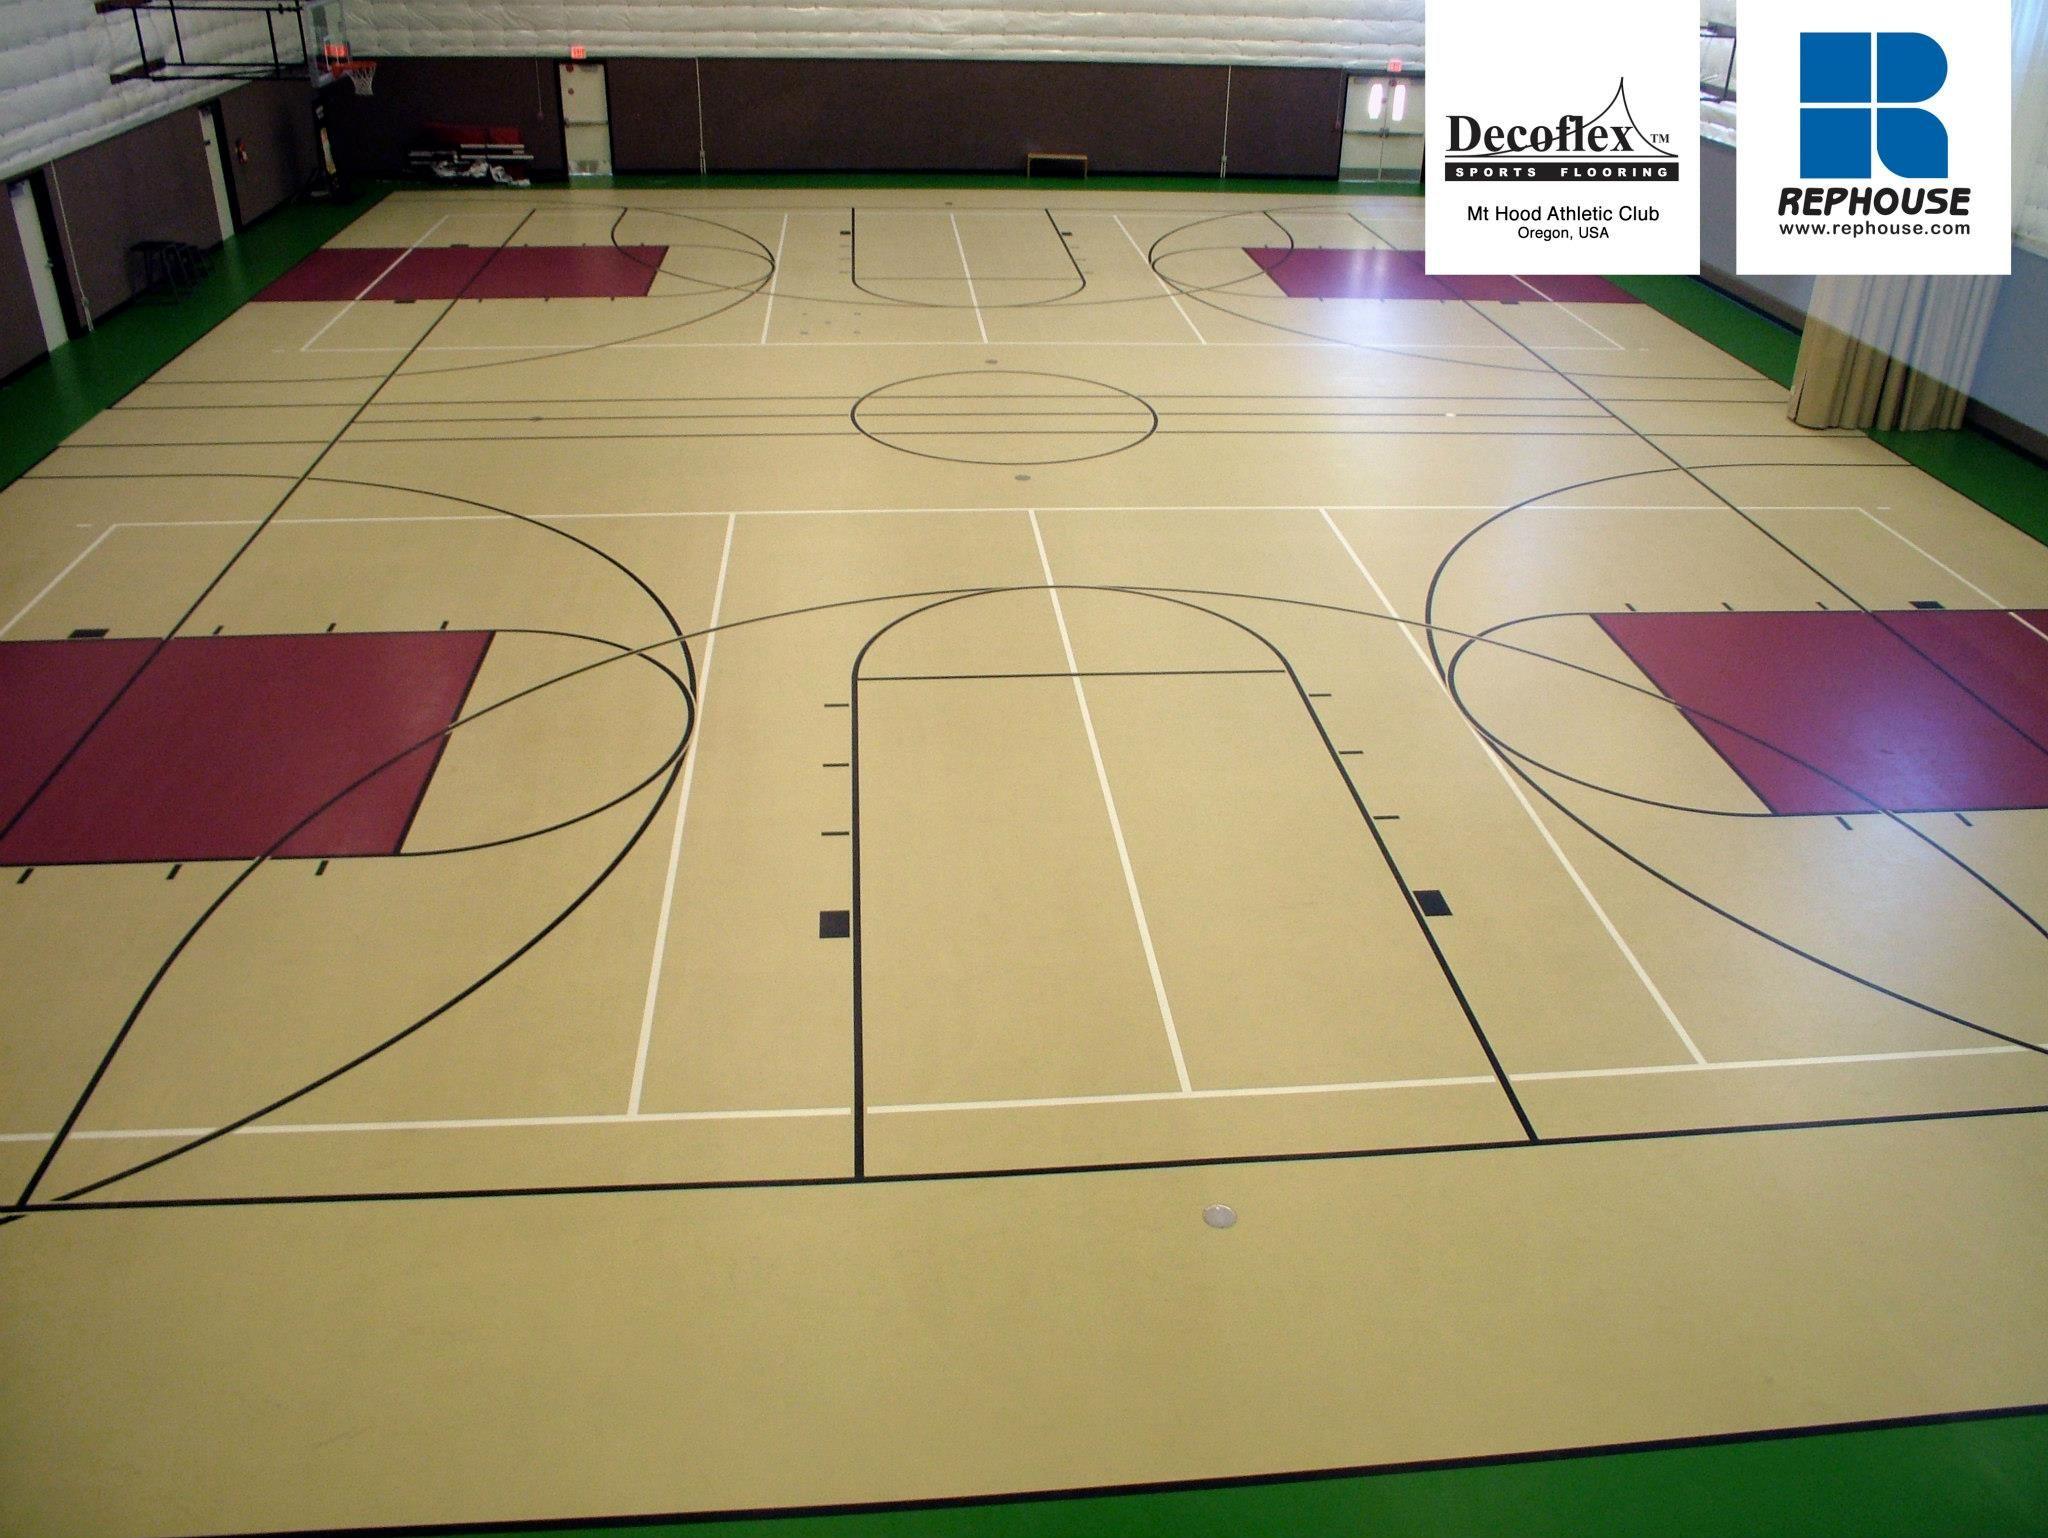 Decoflex Universal Seamless Polyurethane Indoor Sports